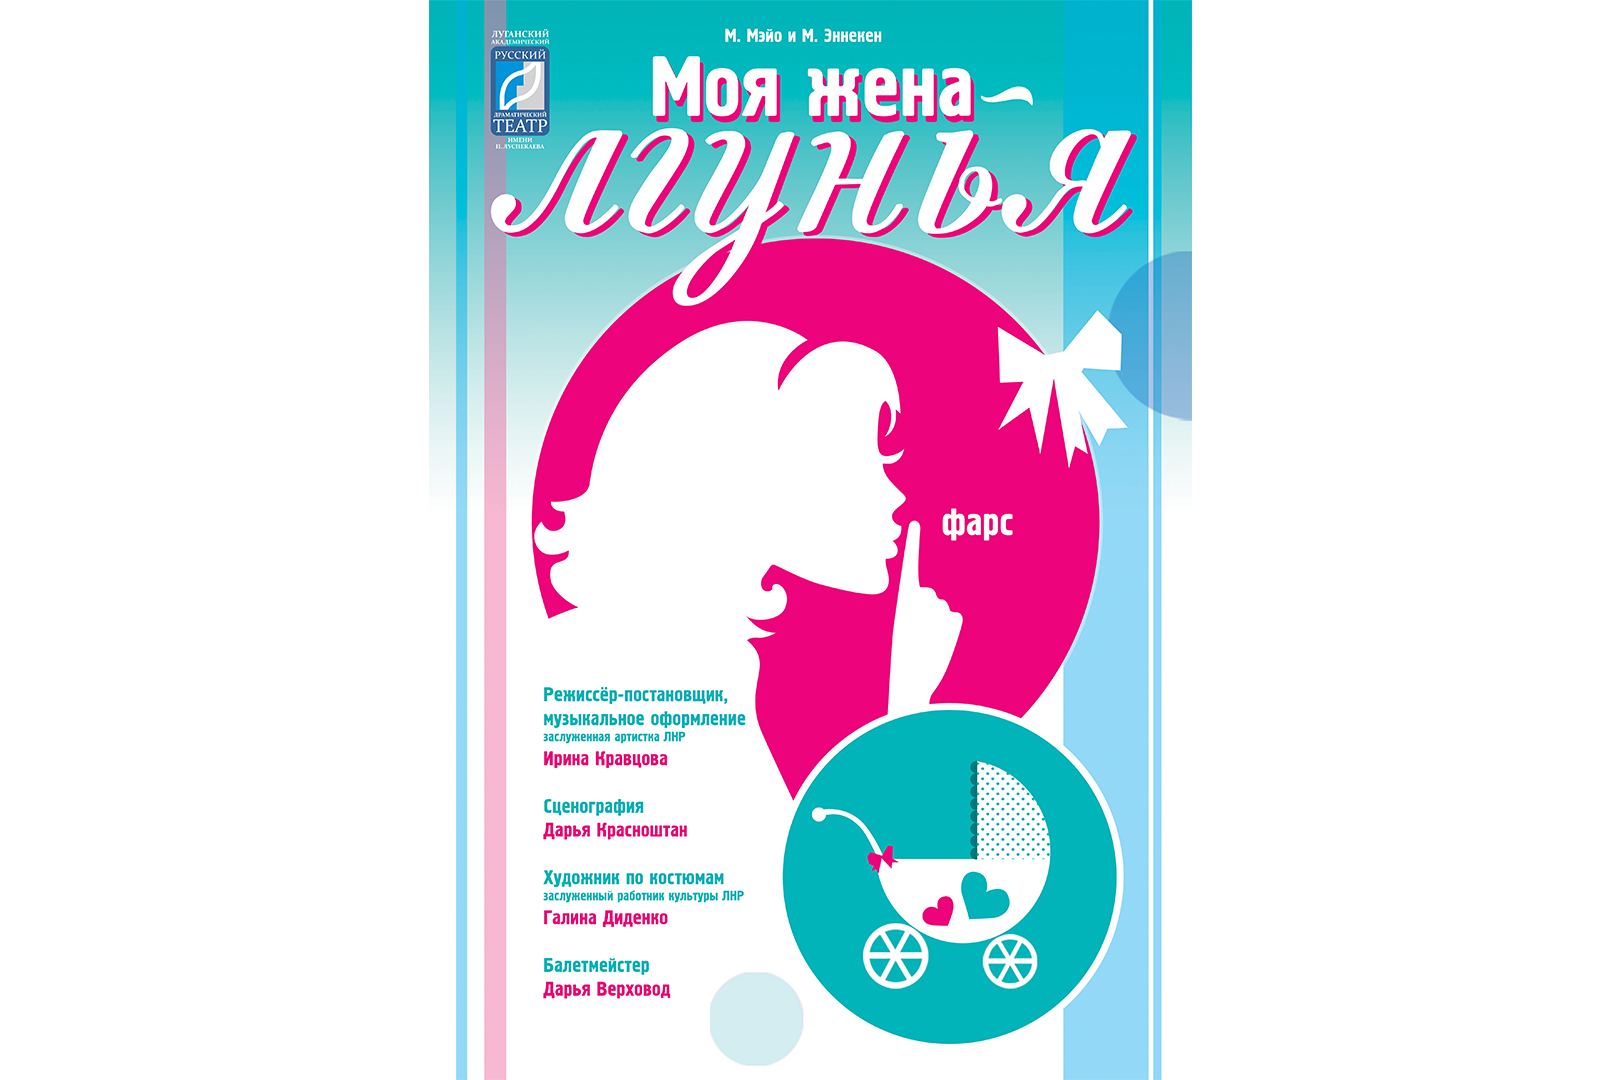 Луганский драмтеатр 19 и 20 марта приглашает на премьеру спектакля «Моя жена – лгунья»